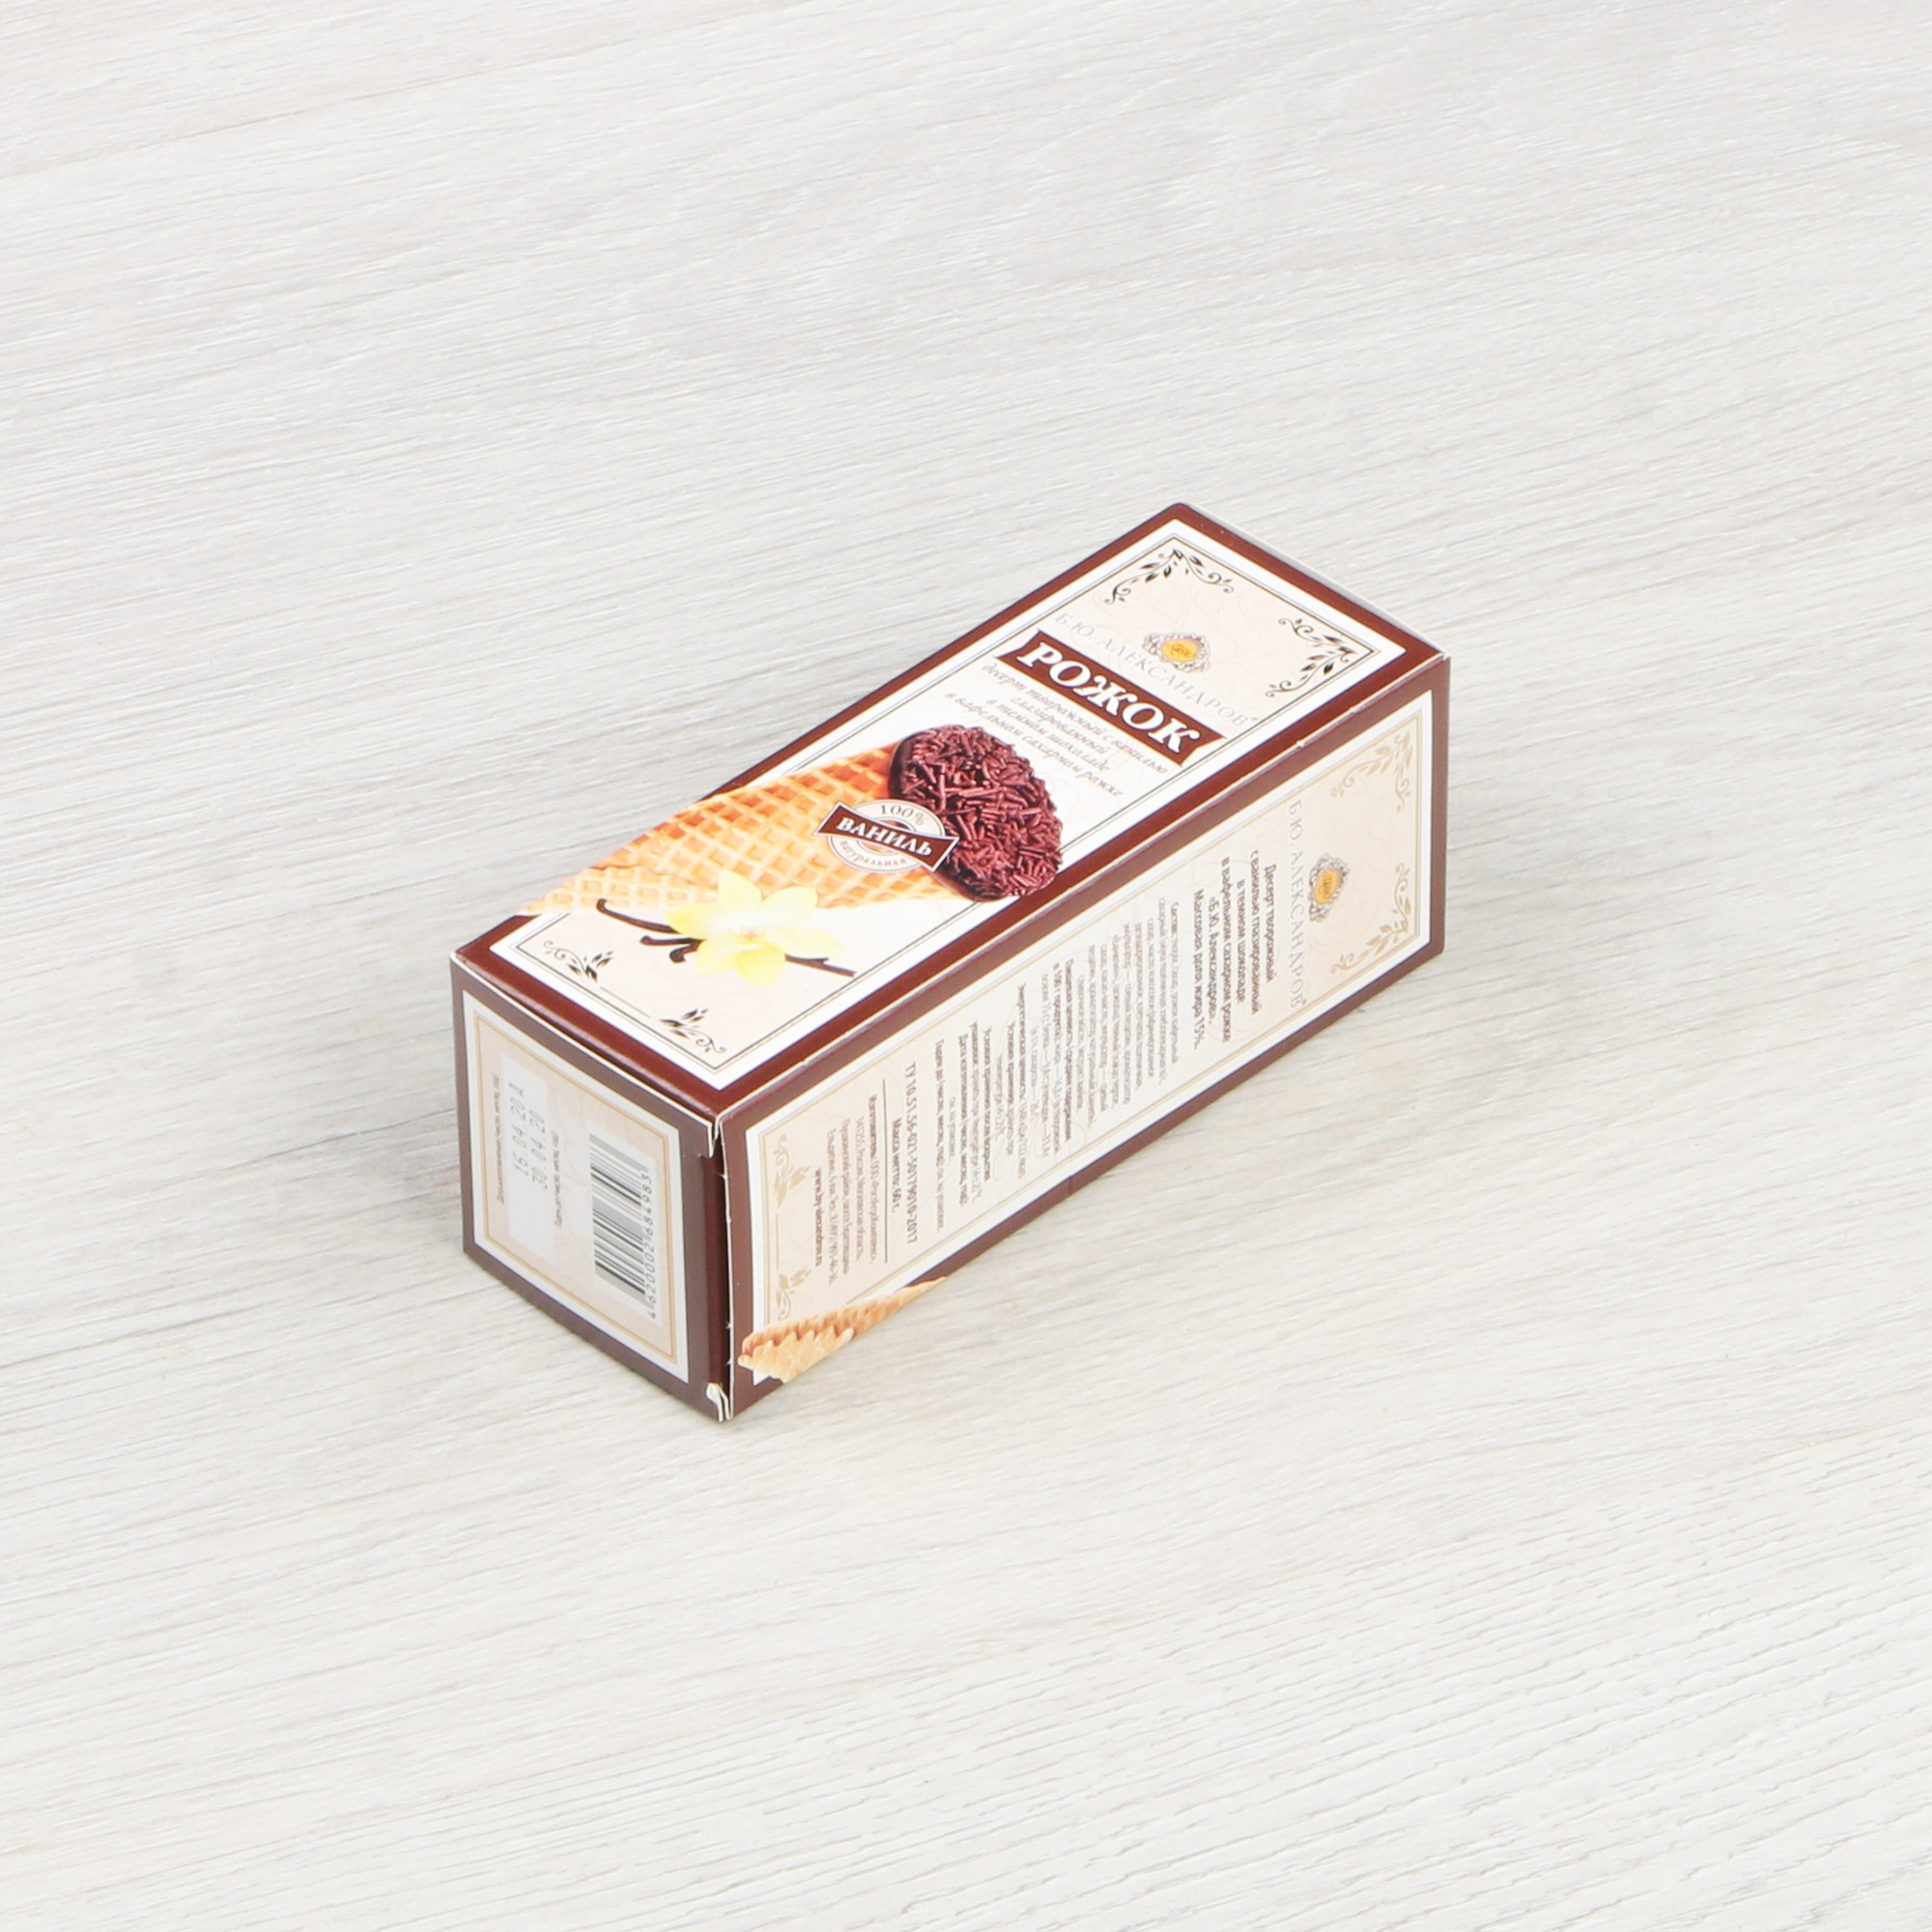 Десерт творожный глазированный Б.Ю. Александров ваниль в темном шоколаде 60 г творожный десерт danone